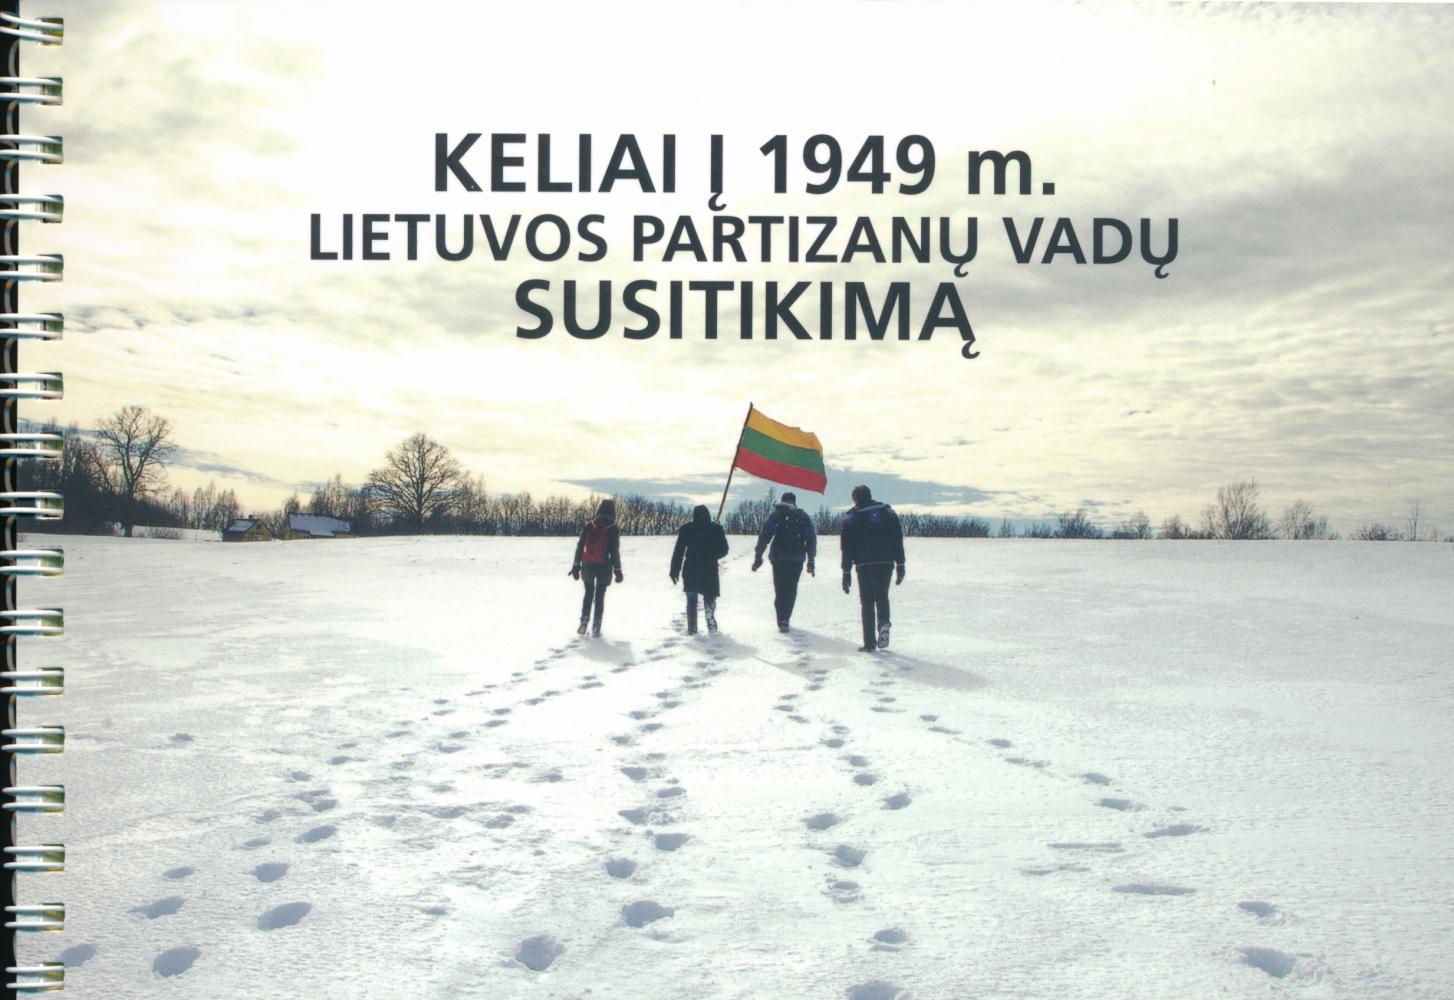 Keliai į 1949 m. Lietuvos partizanų vadų susitikimą